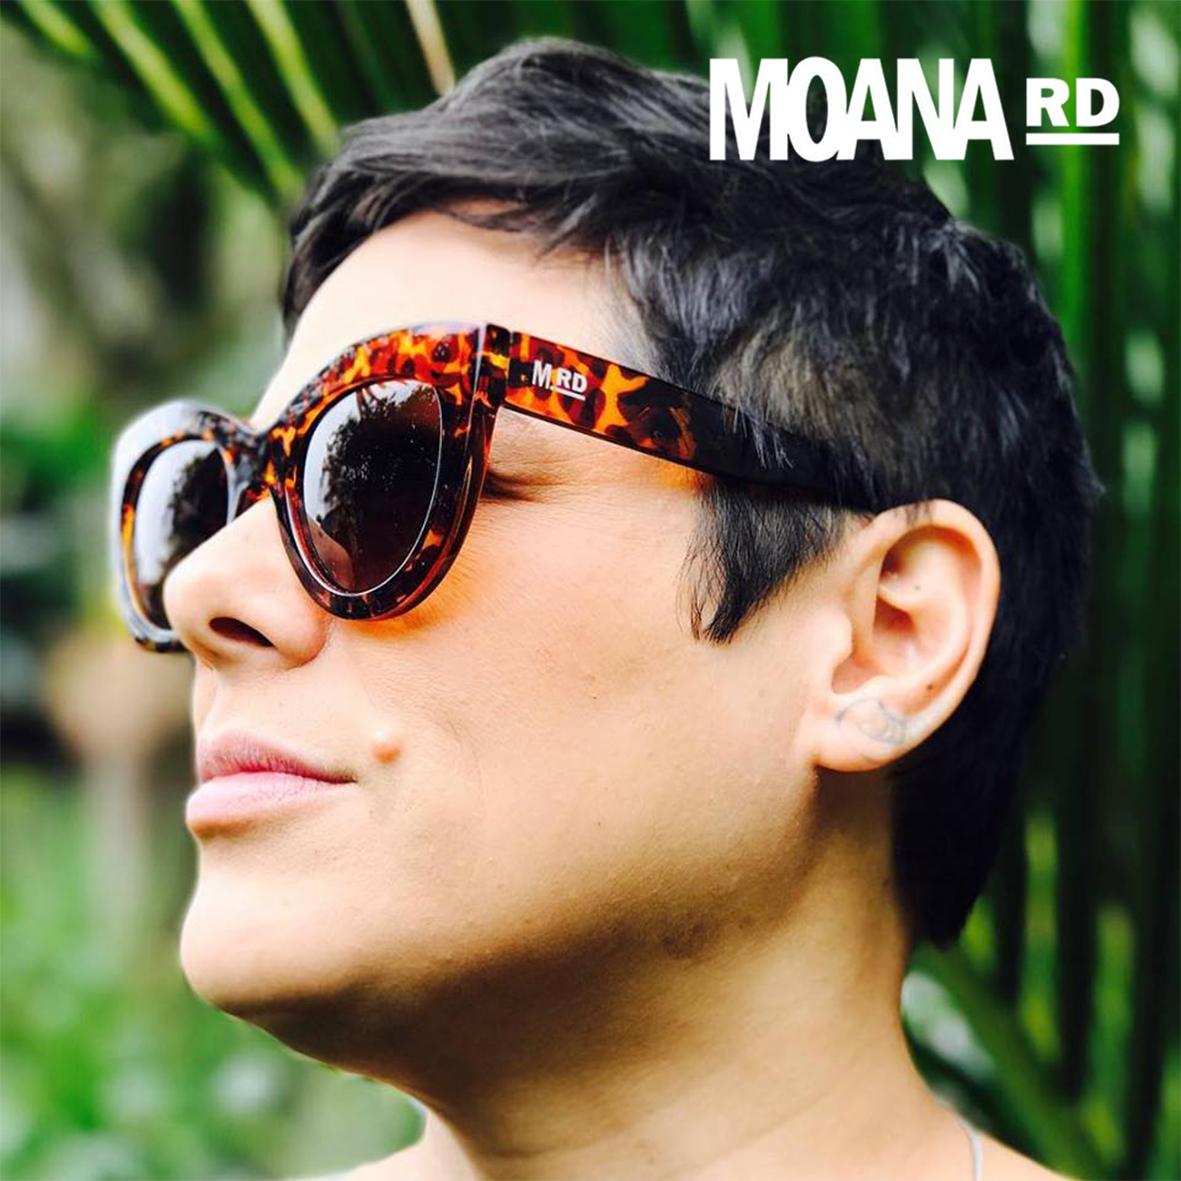 moana road_1.jpg